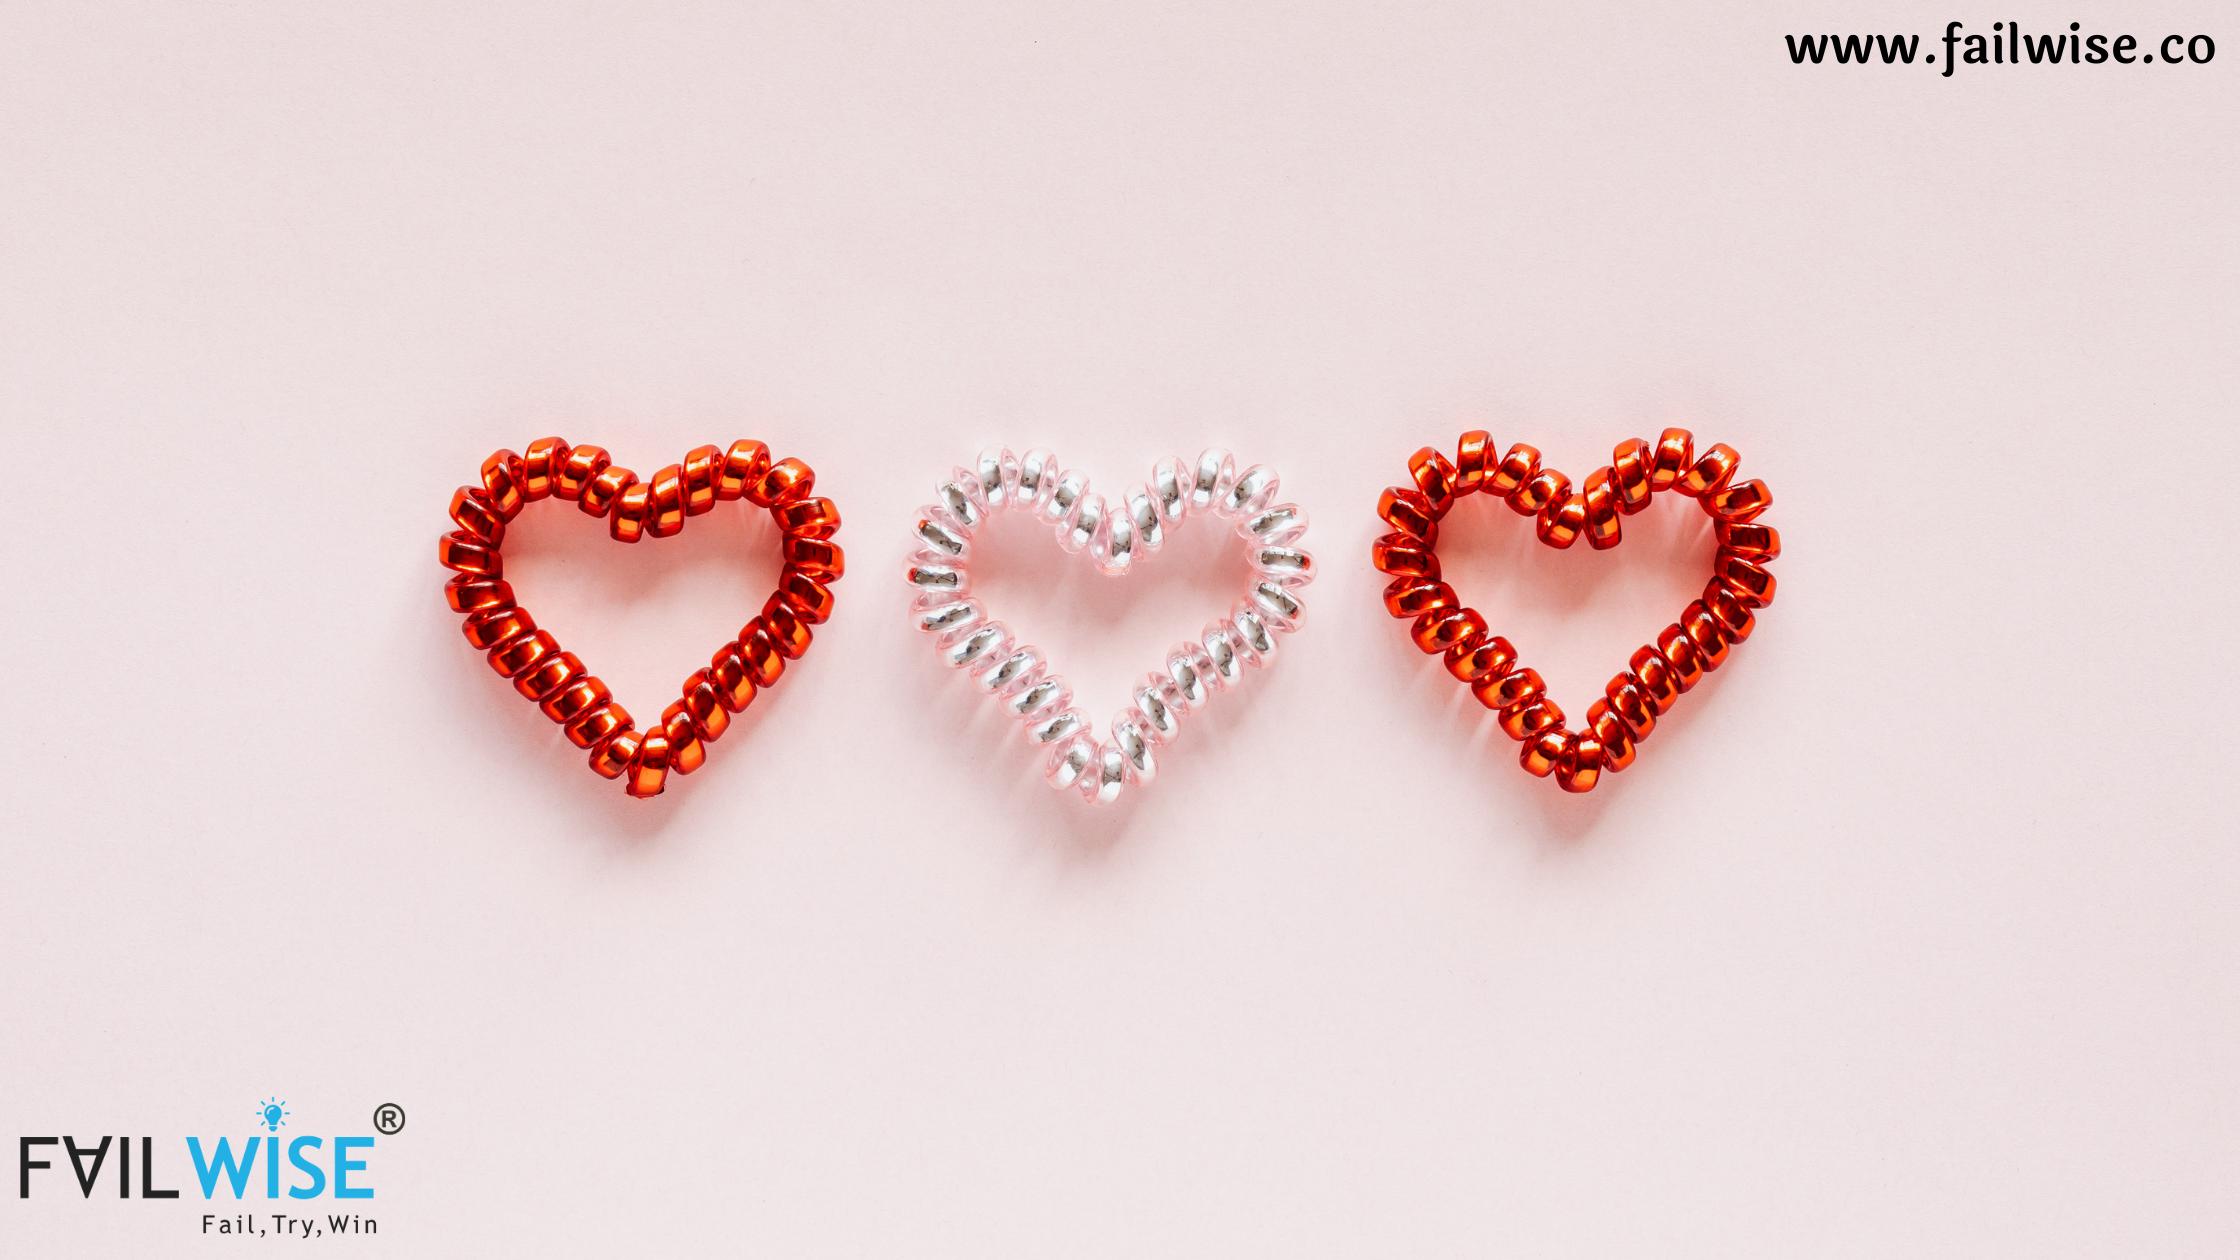 प्रेम सरल एवं स्वाभाविक है: वेलेंटाइन-डे स्पेशल